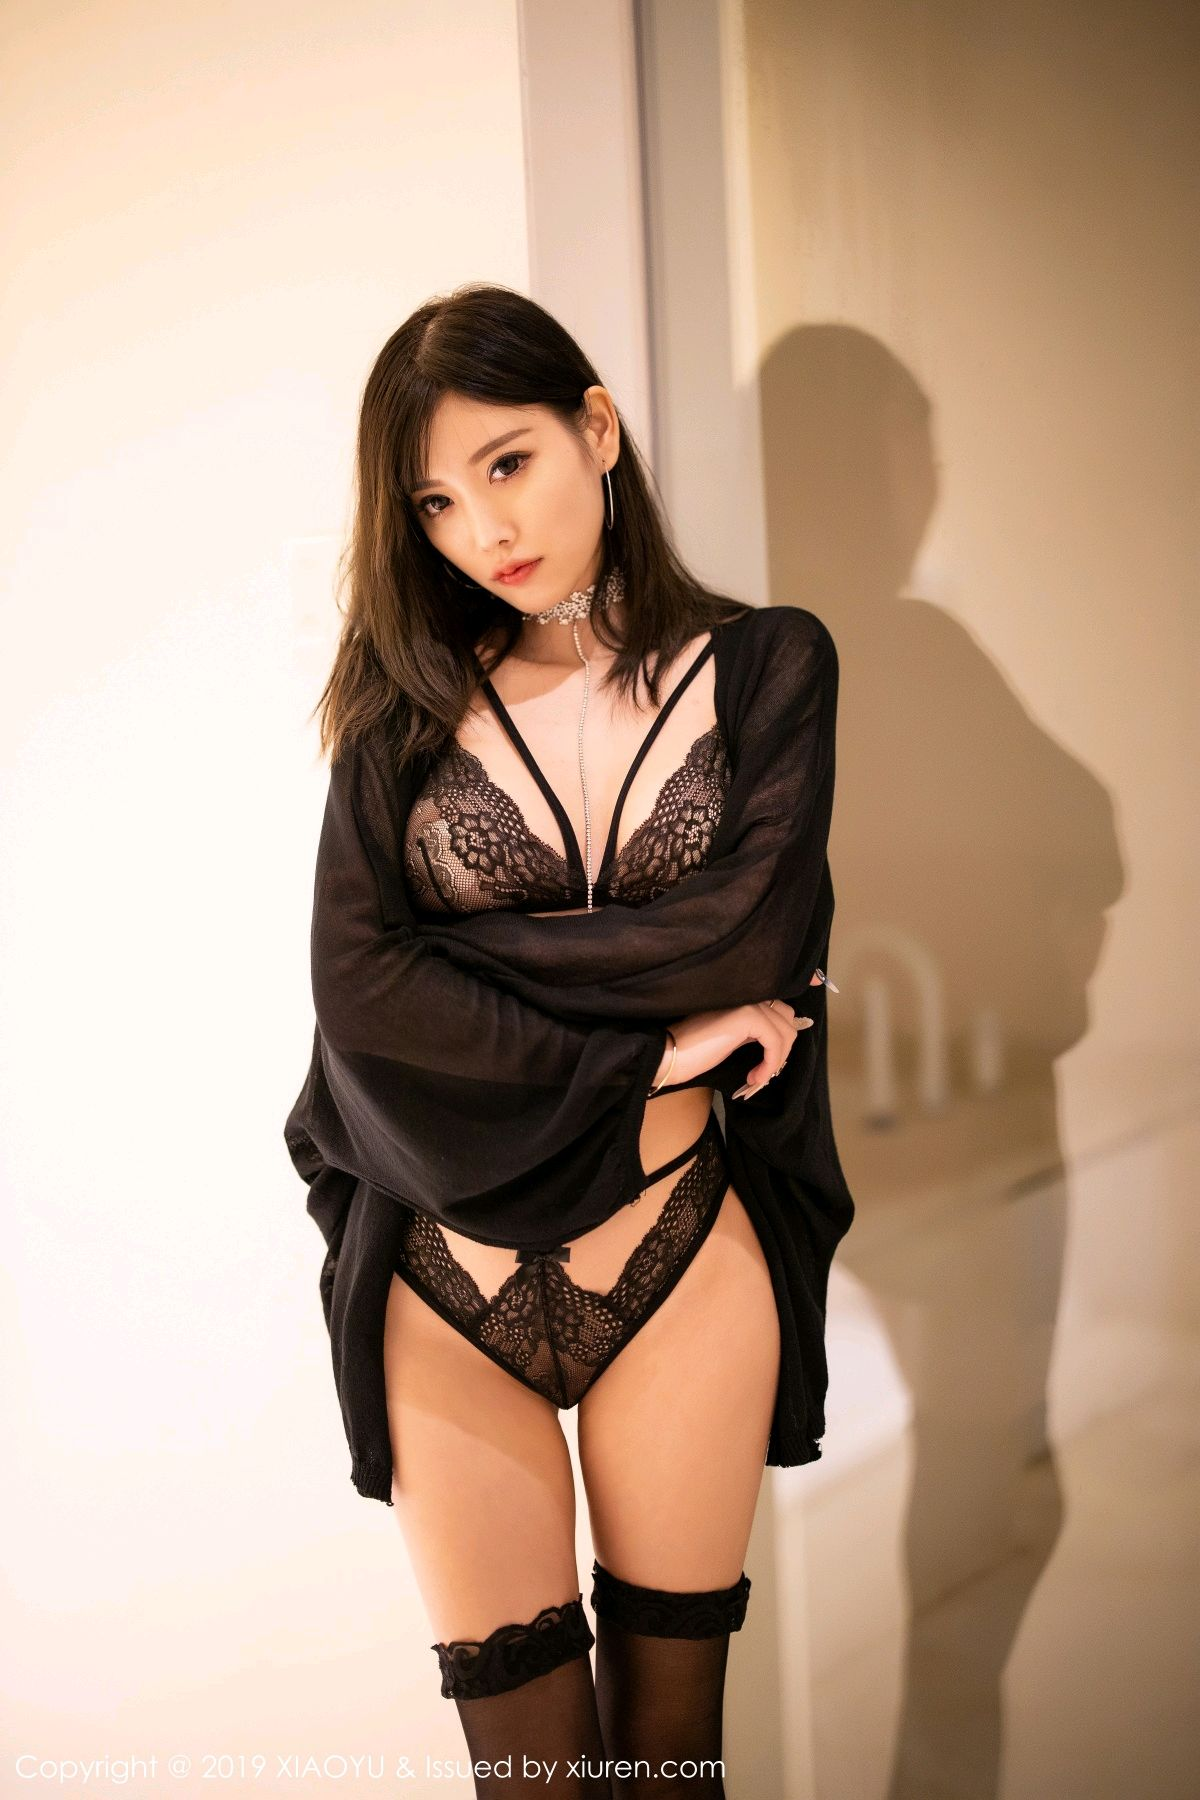 [XiaoYu] Vol.189 Yang Chen Chen 8P, Black Silk, Underwear, XiaoYu, Yang Chen Chen